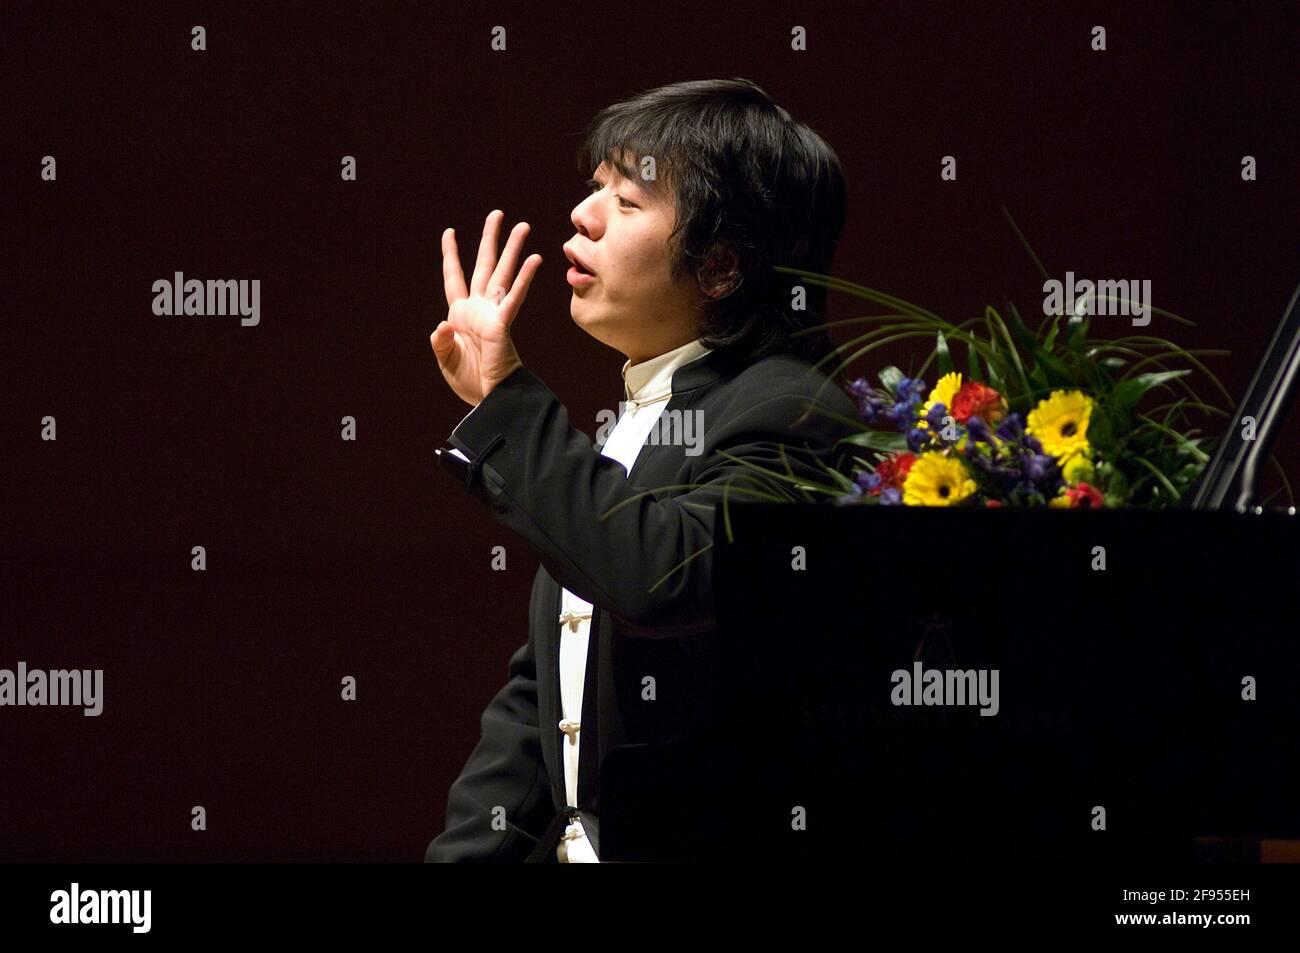 DEU, Deutschland, Ruhrgebiet, Essen, 10.02.2006: Der Pianista Lang Lang kommuniziert mit seinem Publikum bei seinem Konzert in der Philharmonie Essen. Foto de stock